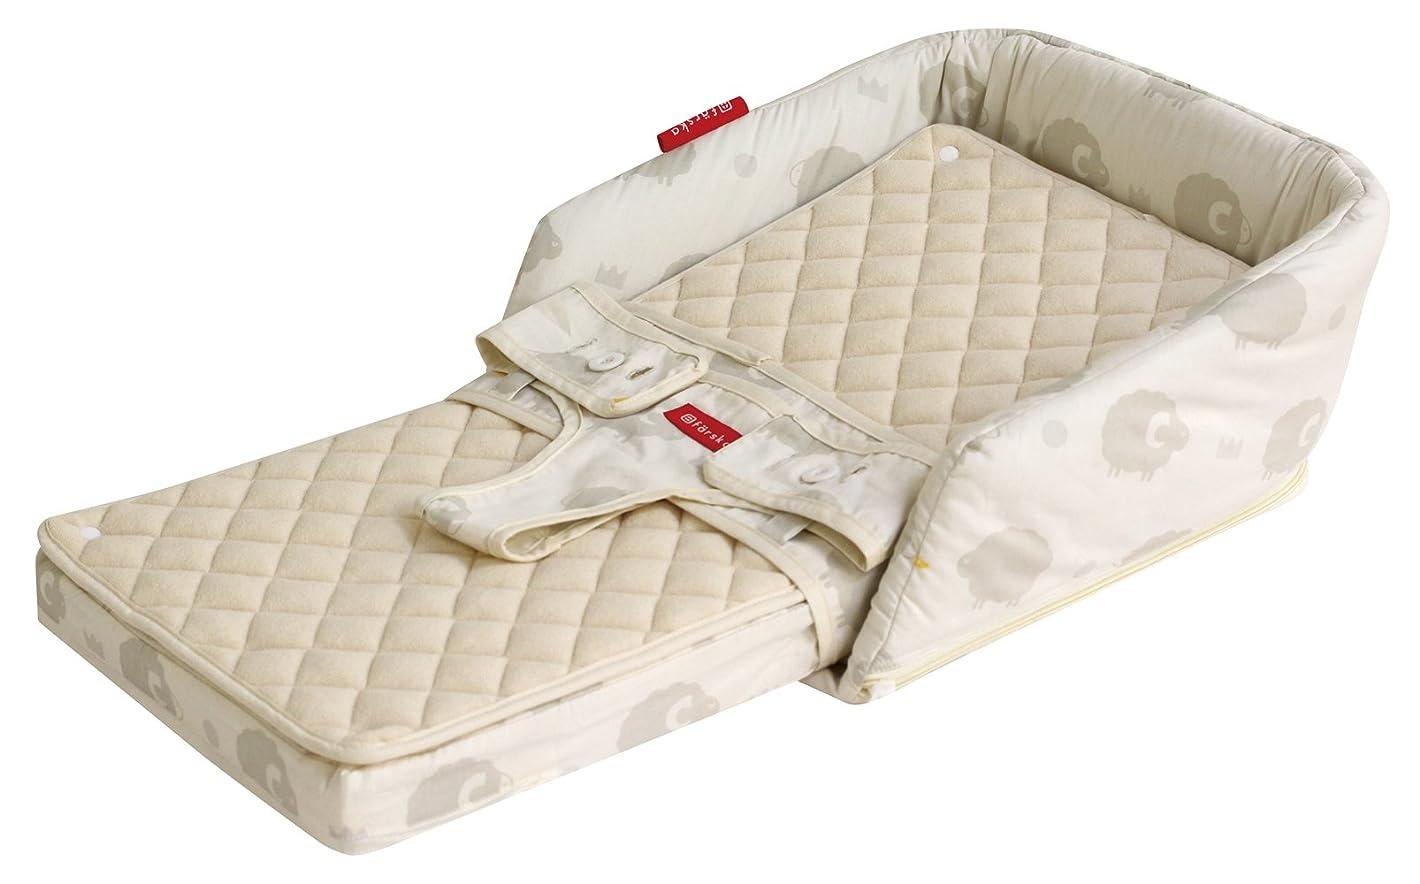 面積スロー使役日本製 ベビー敷布団 固綿 二つ折れタイプ ホワイト